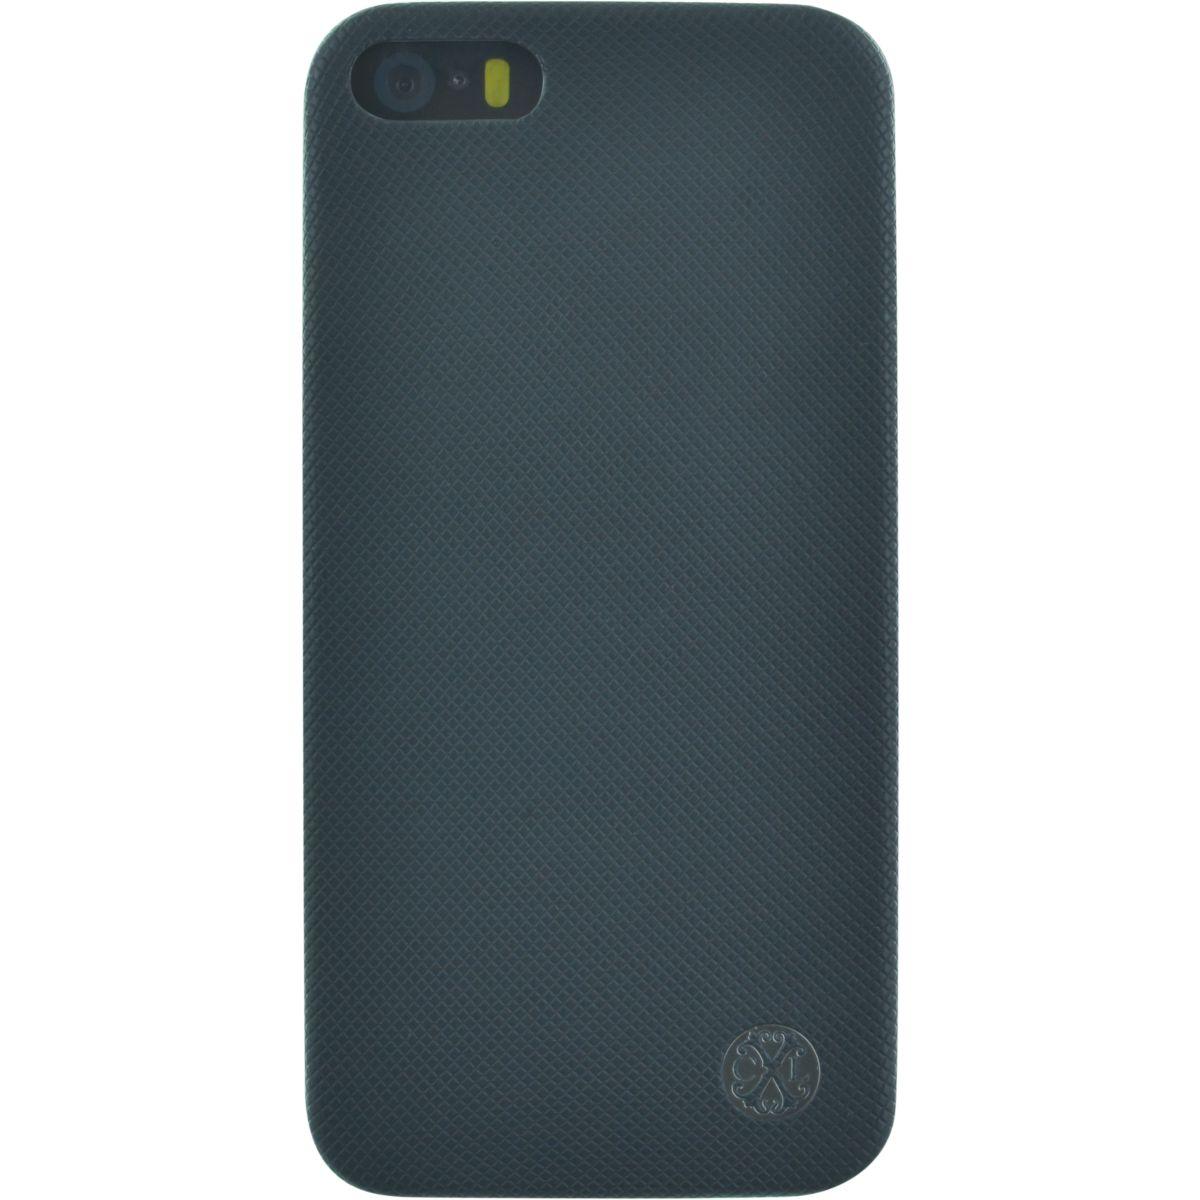 Coque CHRISTIAN LACROIX Slim Fit iPhone 5S/SE noire